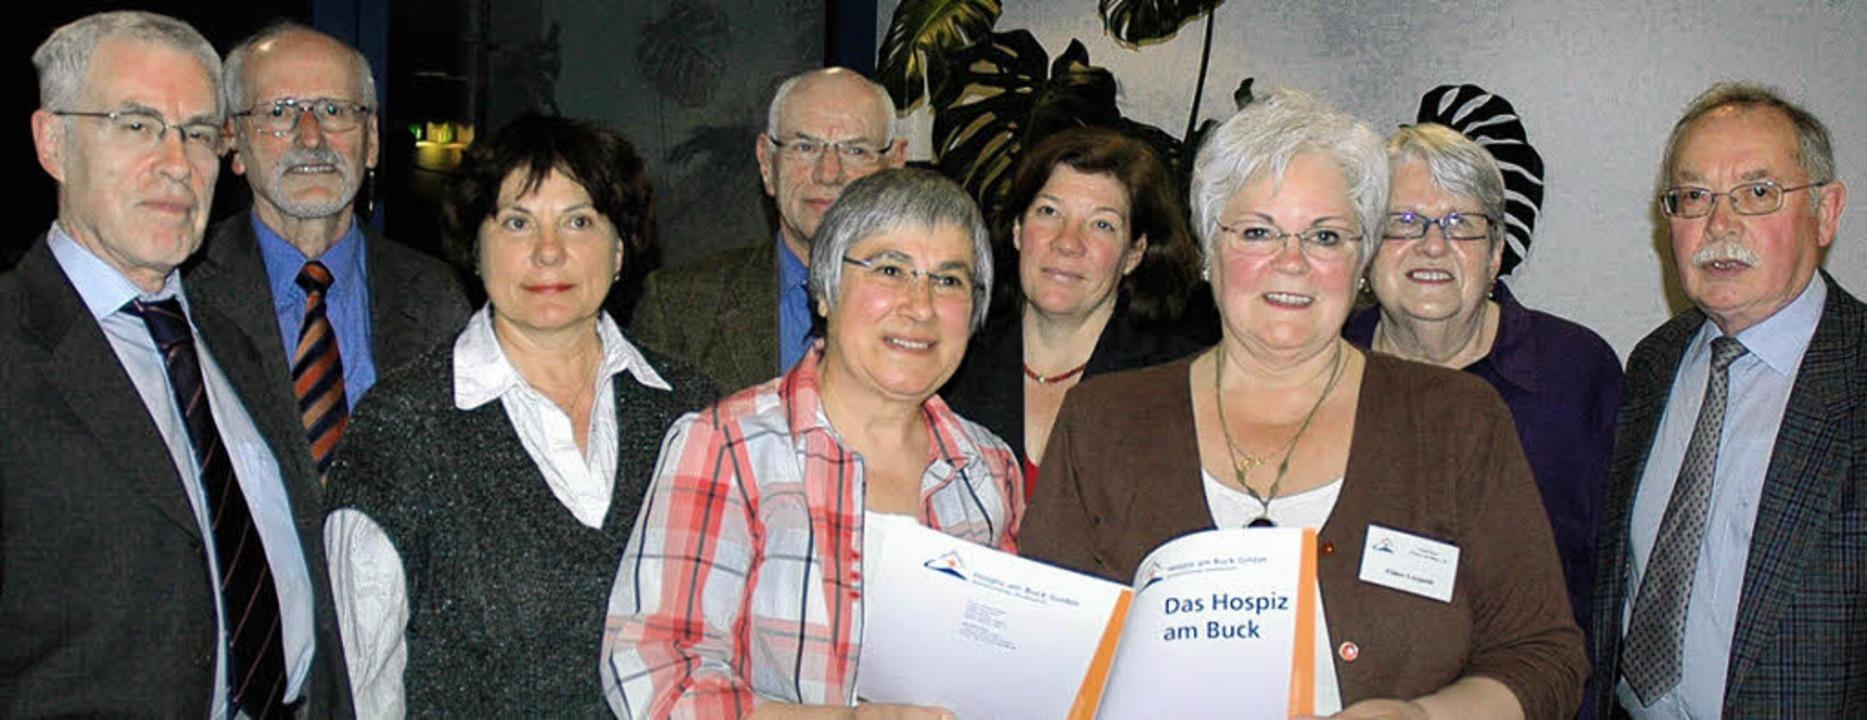 Peter Biwer, Horst Donner, Gerlinde Bö...enta Grether, Anton Reize (von links)   | Foto: Wieschenkämper